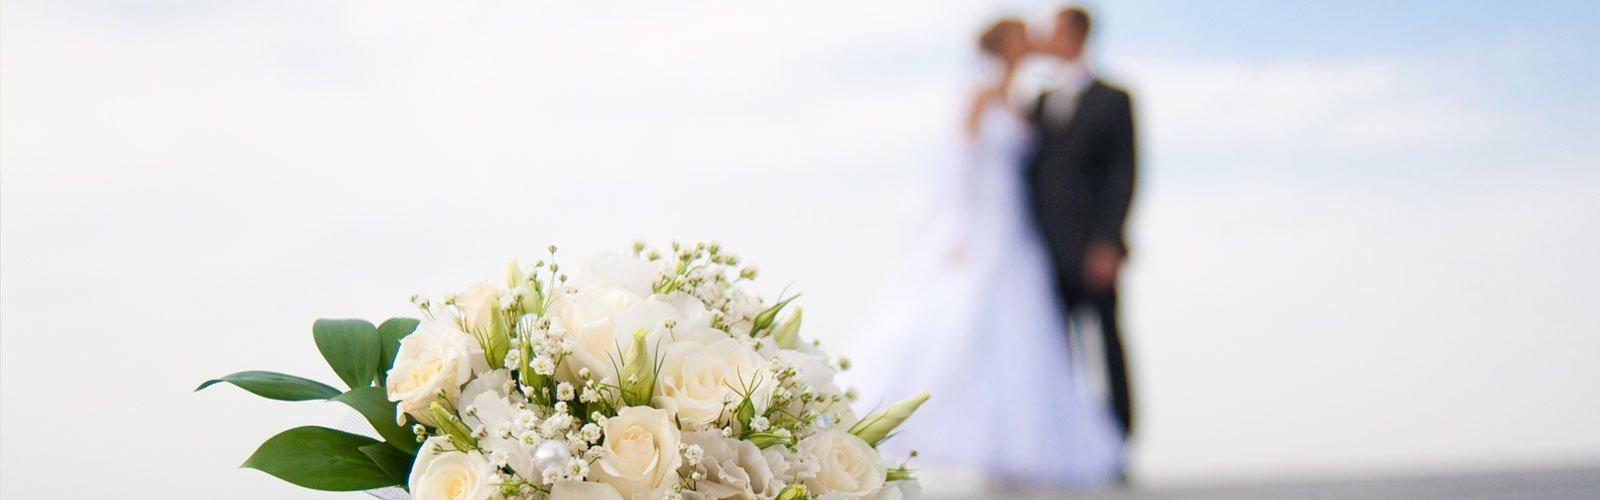 Vista ravvicinata di un mazzo di fiori bianchi e in fondo due sposi mentre si baciano